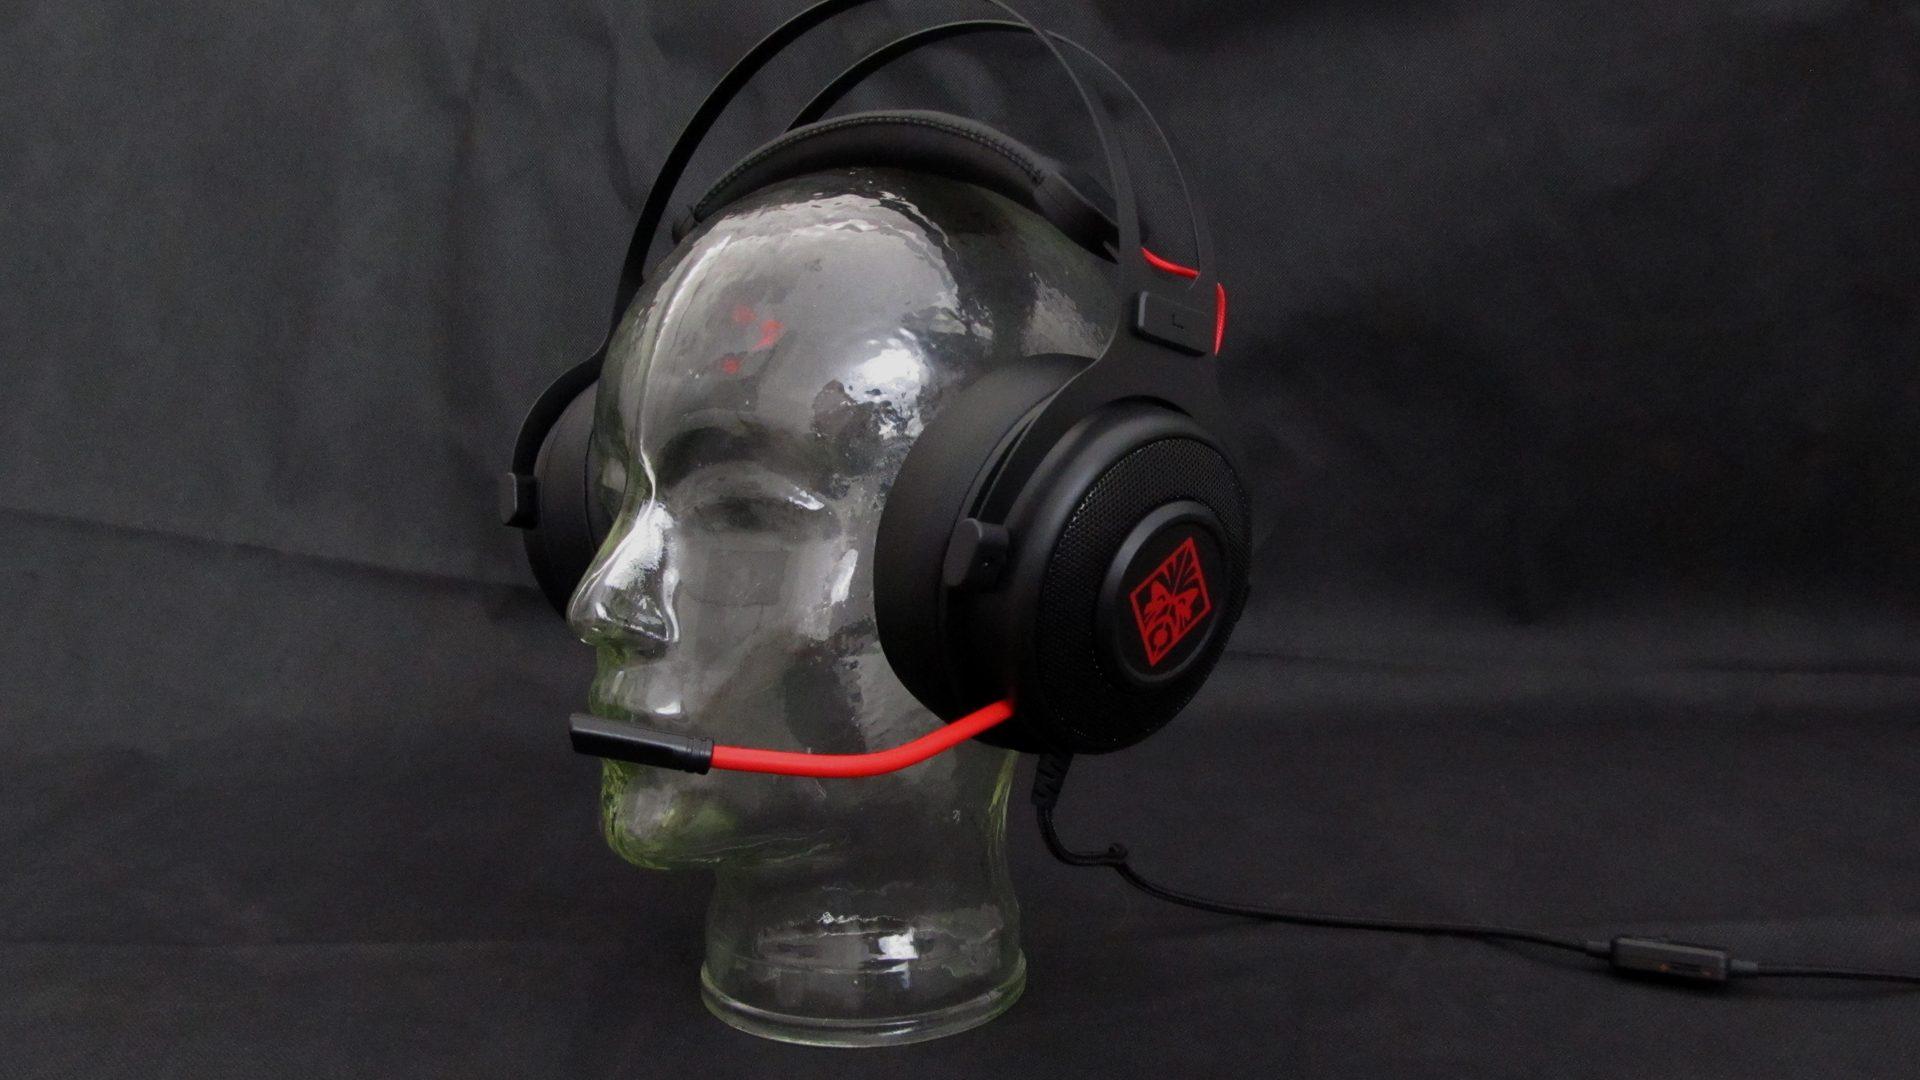 OMEN-Zubehoer-neu-Headset_7